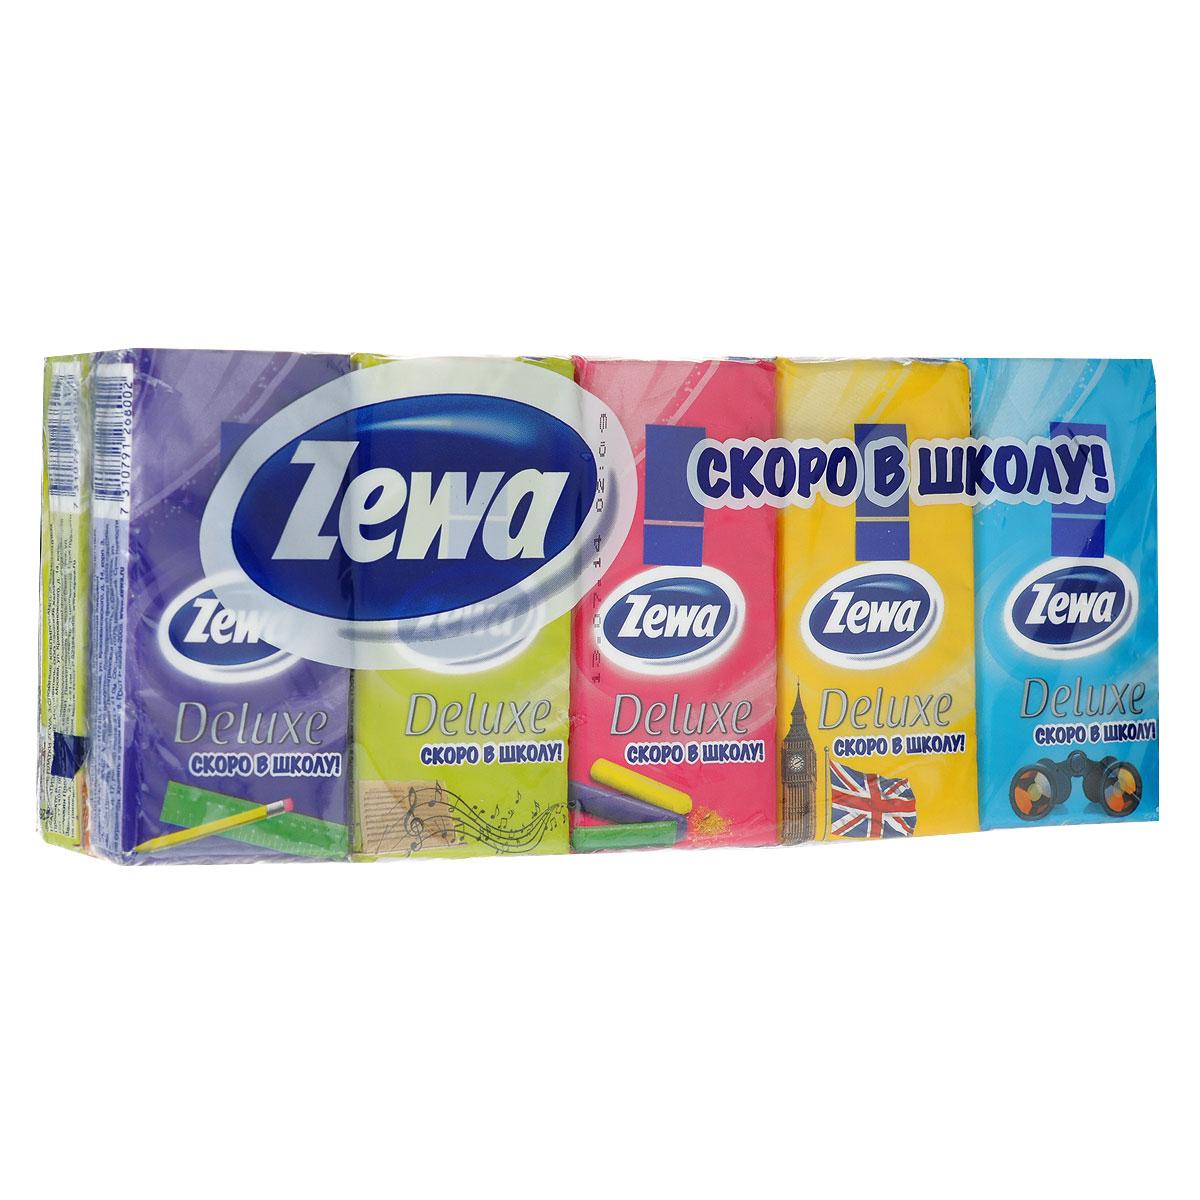 Zewa �������� �������� Deluxe, 10 � 10 �� - Zewa - Zewa14080853����������� ������� �������� Zewa Deluxe �������� ��� ����� � ��������. ����������� �� 100% ���������. ������� ��������� �������� ��������� ������ �������� � �������. ��� �������. ����� ��������������.